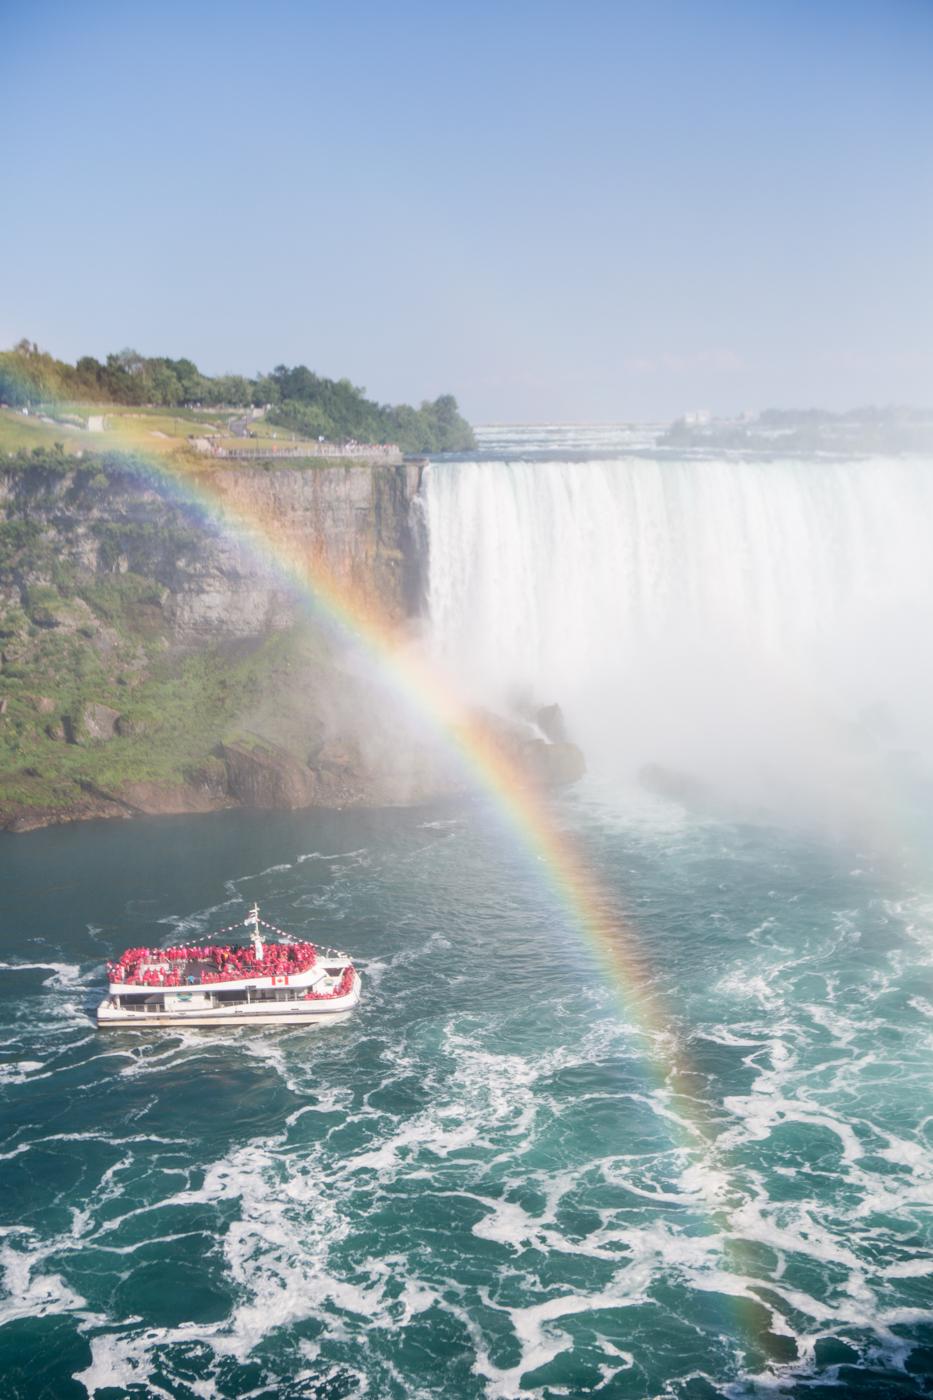 Bolandia_Blog_Montreal-Osheaga-Niagara-Falls-4205.jpg